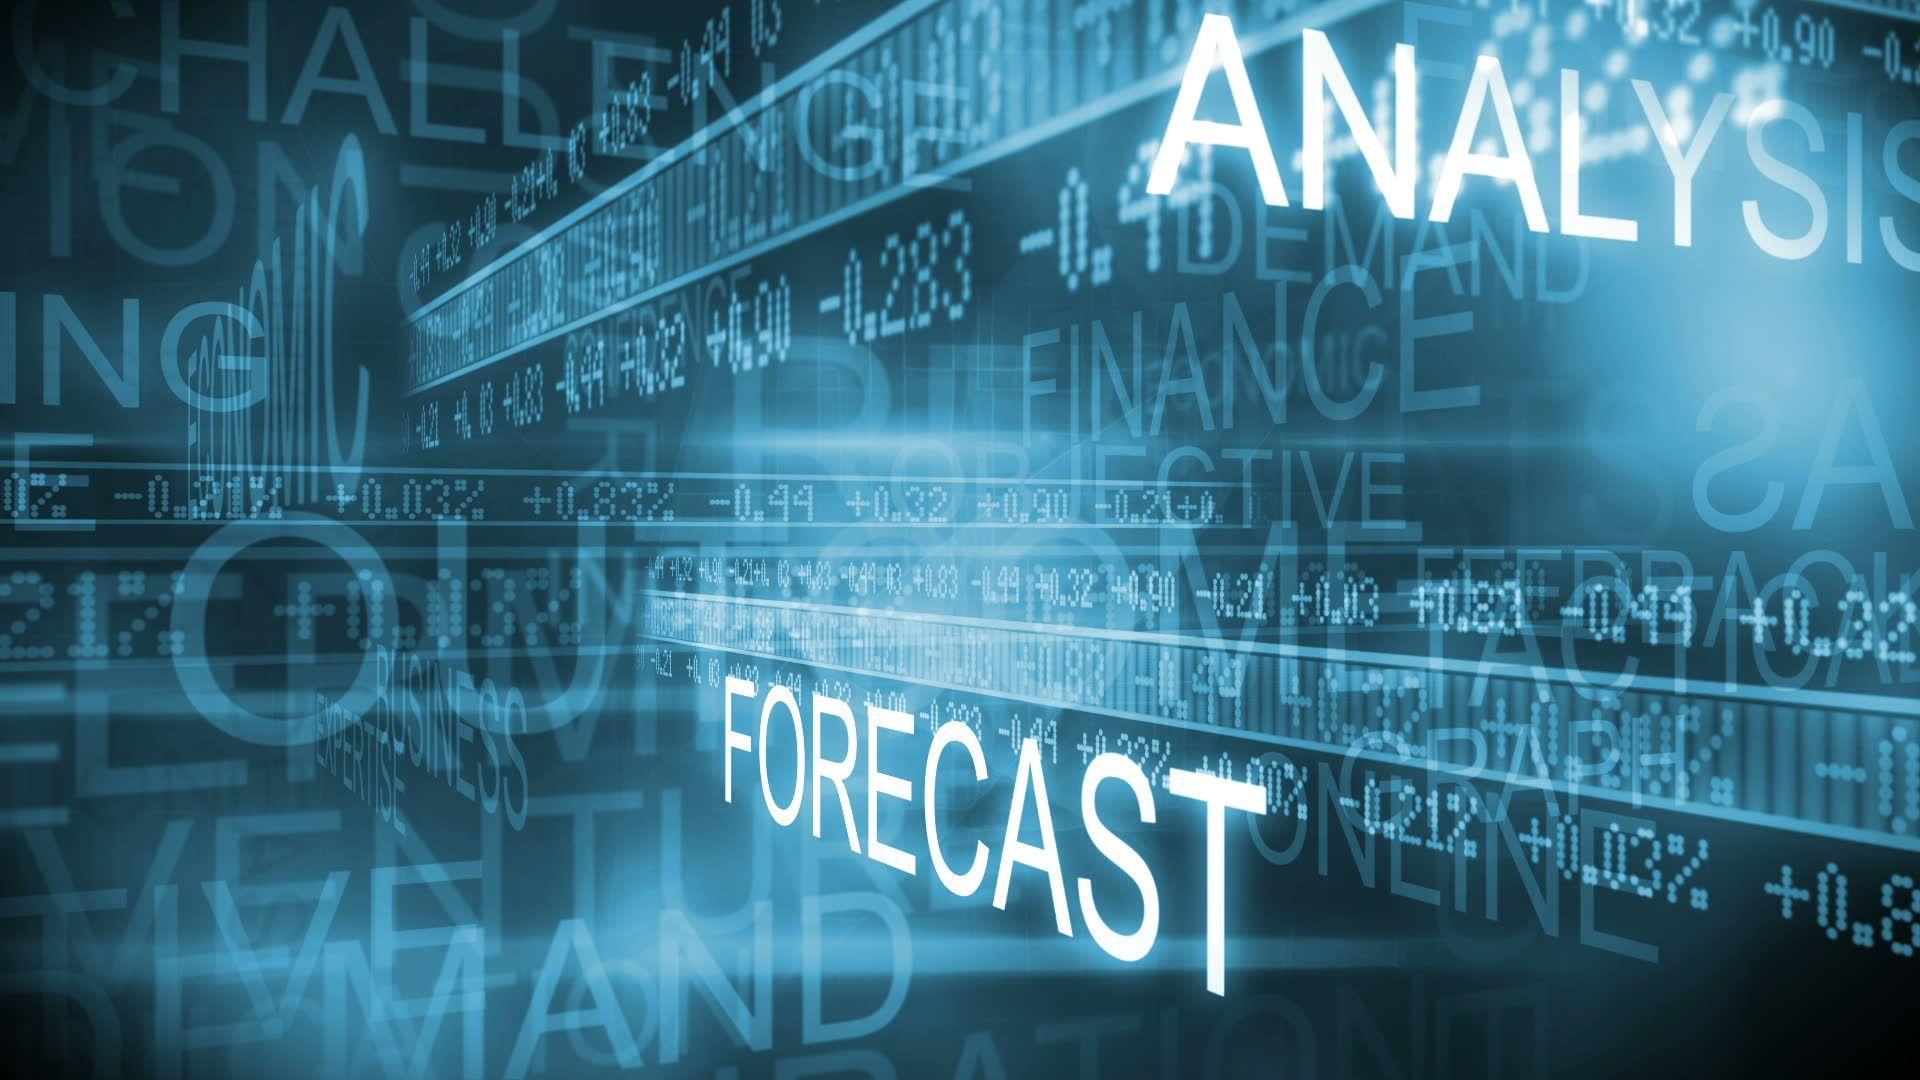 Financial Desktop Wallpapers